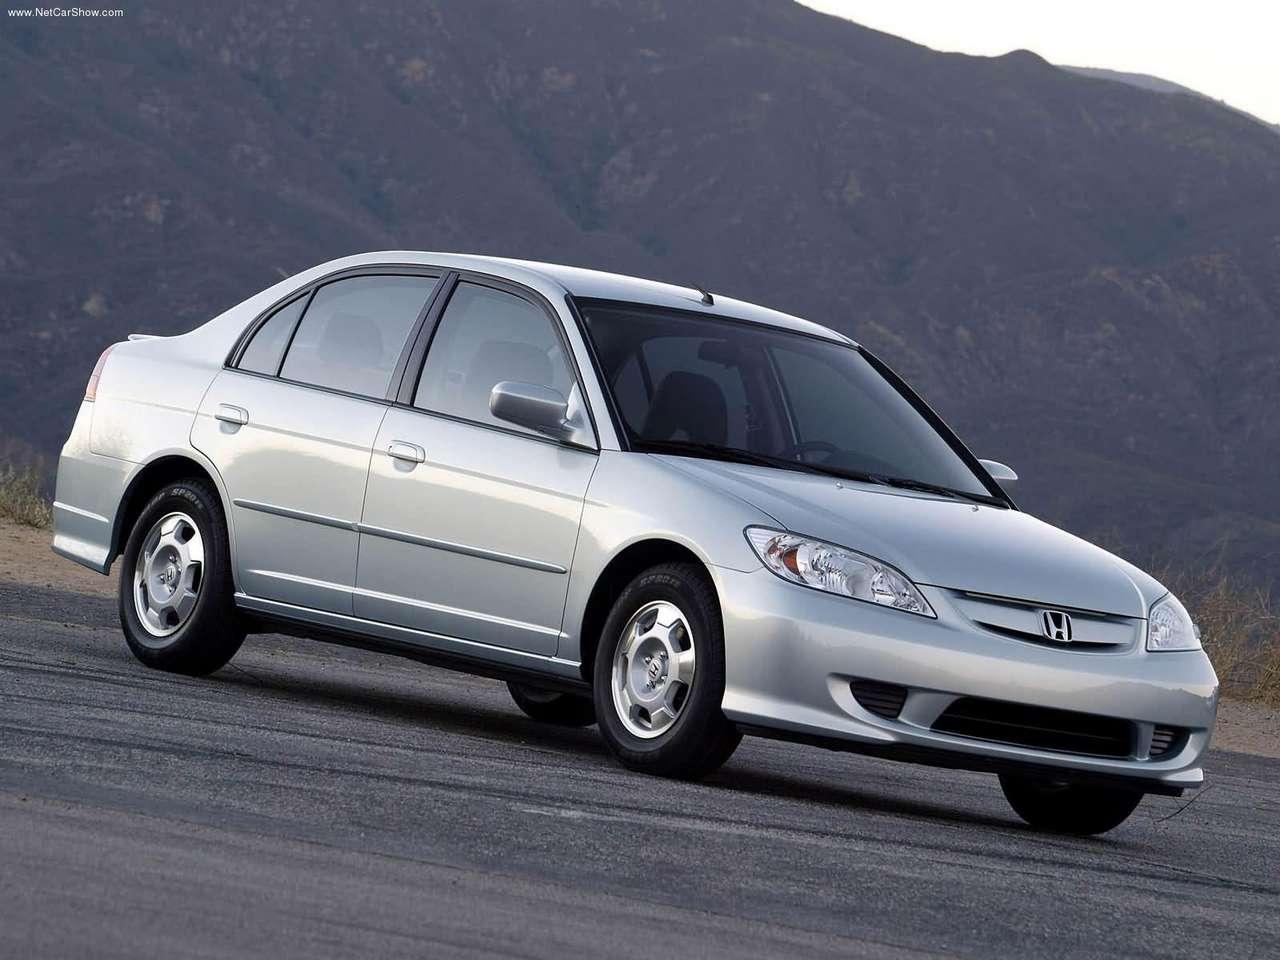 http://2.bp.blogspot.com/-WvpSeSwMIwE/TclD90IfgcI/AAAAAAAAGdQ/e45xlVg8BLE/s1600/Honda-Civic_Hybrid_2005_1280x960_wallpaper_06.jpg